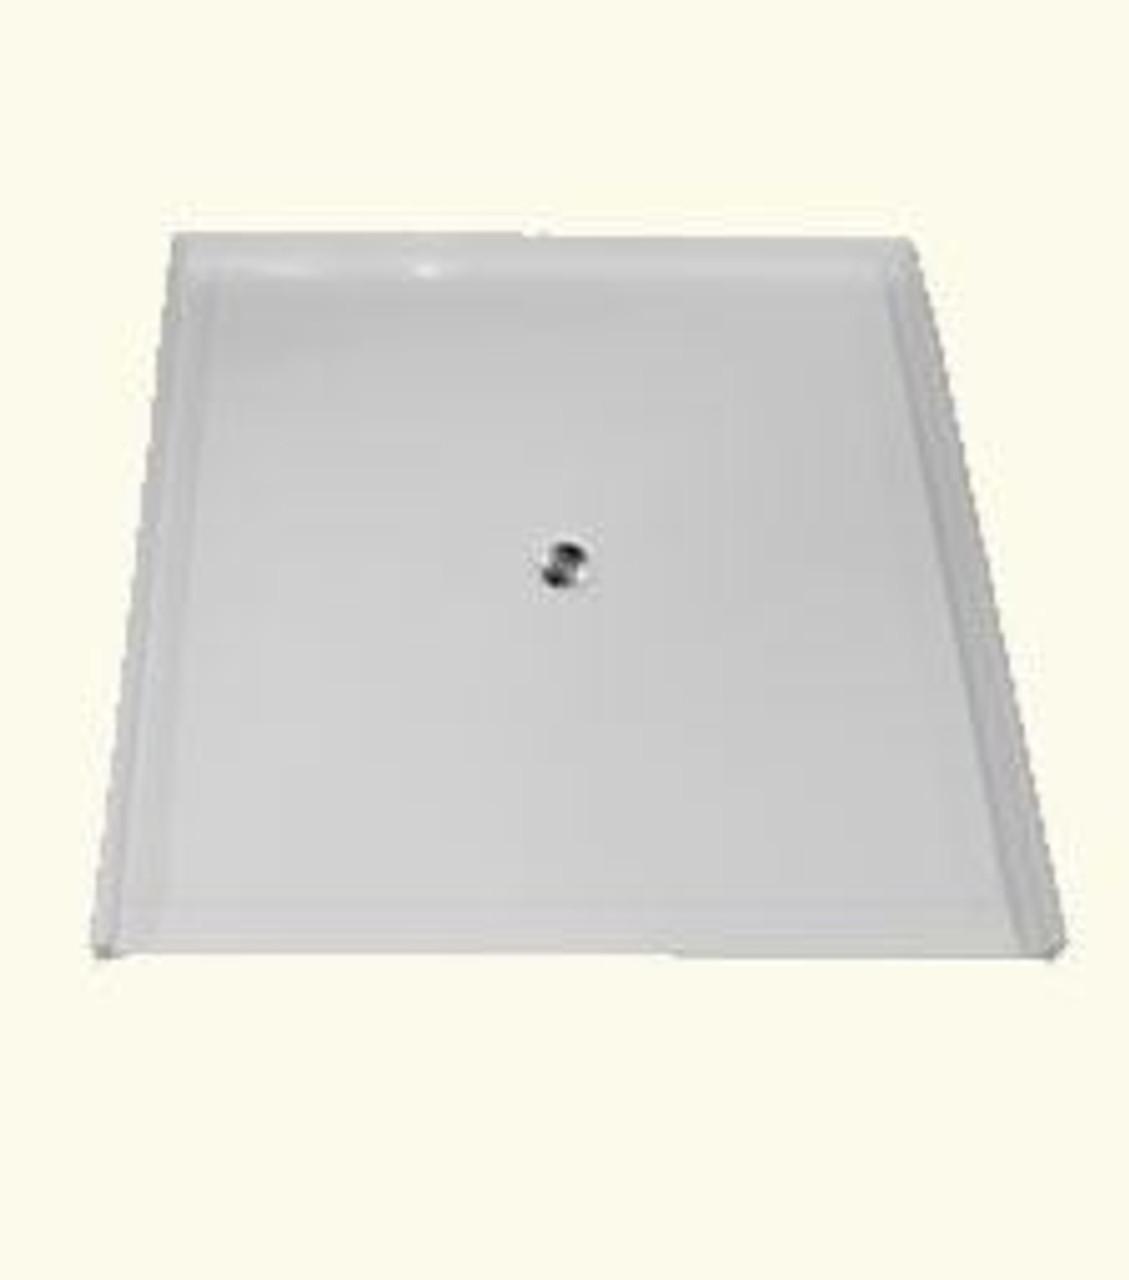 60 X 60 Shower Base | Fiberglass & Barrier Free | US Made